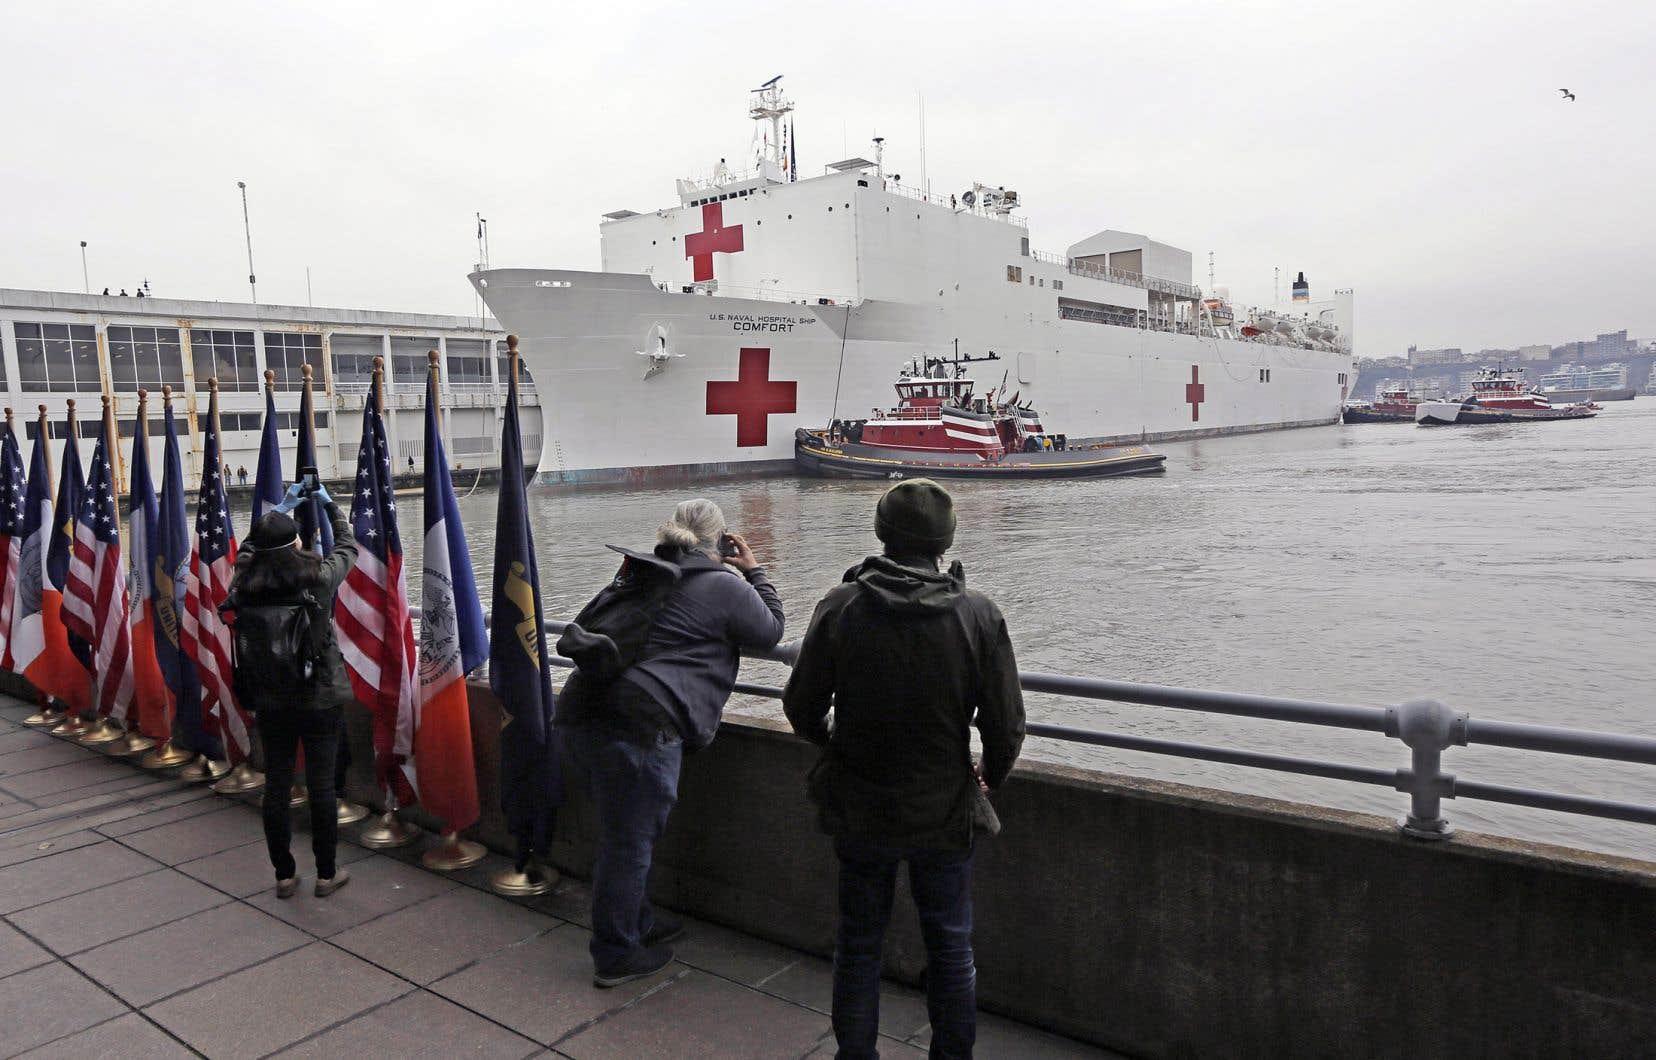 Le seul État de New York, épicentre de l'épidémie aux États-Unis, comptait lundi après-midi plus de 66000 cas confirmés.